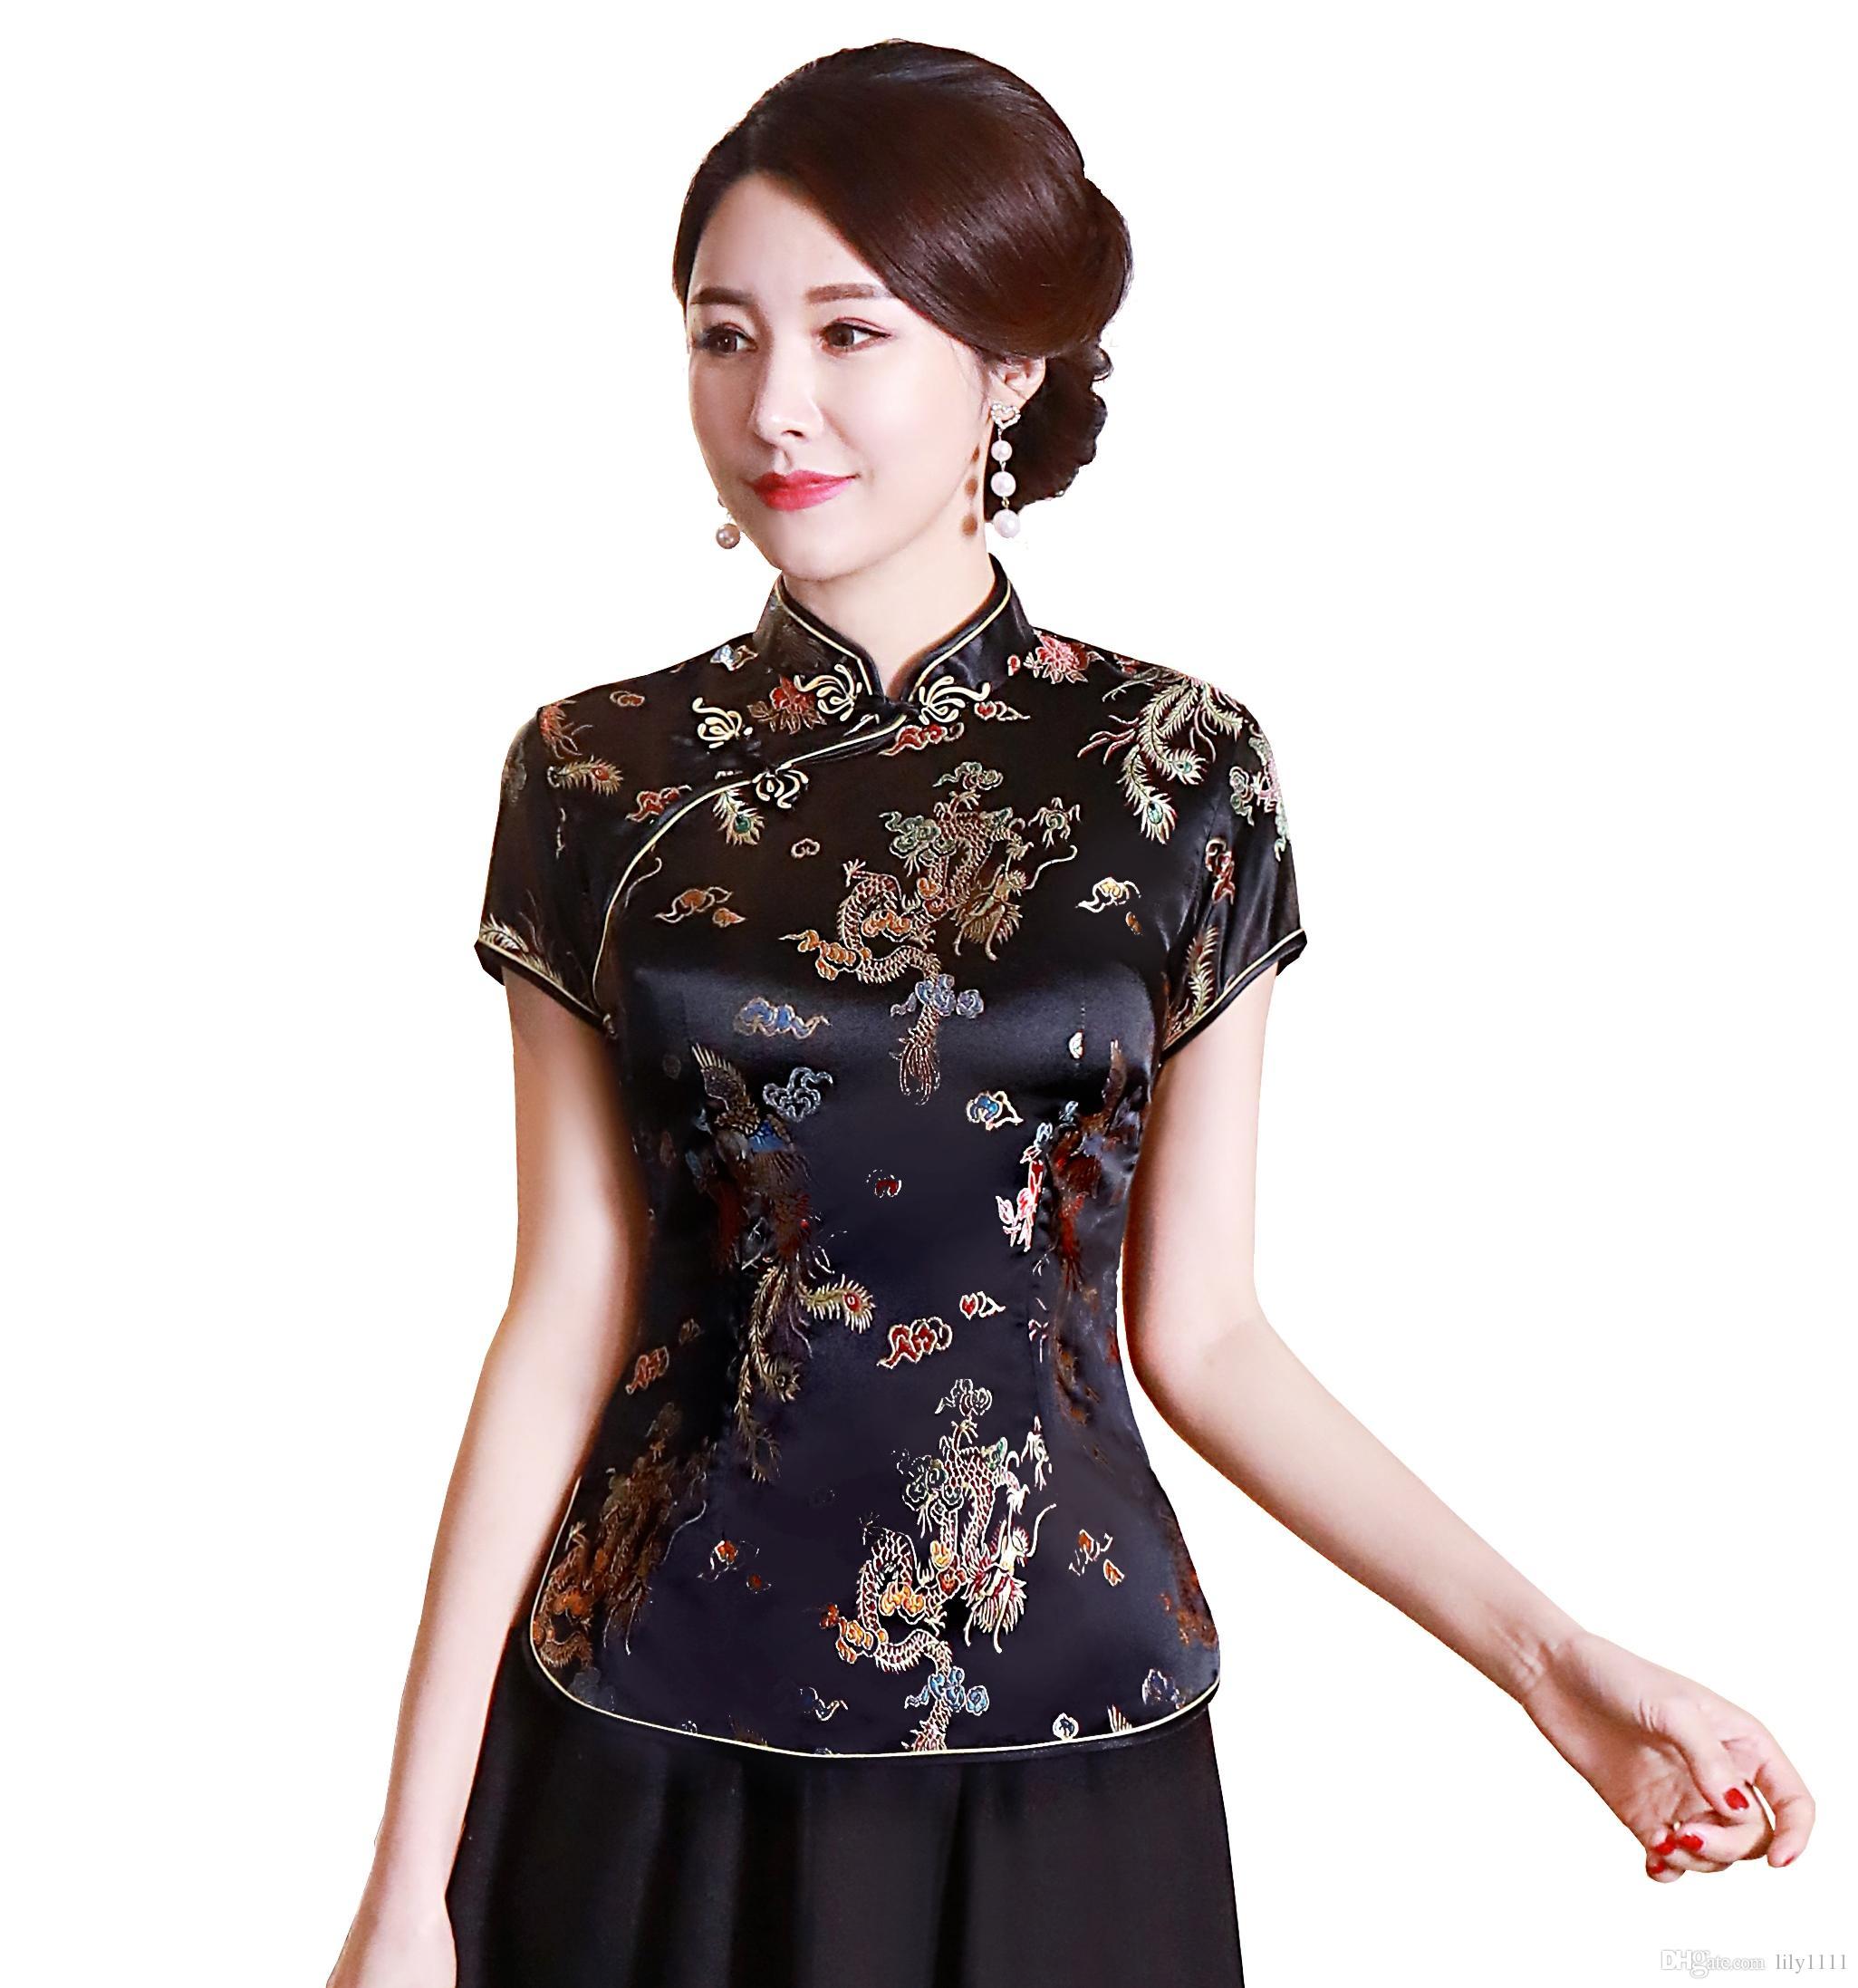 شنغهاي قصة الصينية شيونغسام رأس تقليدي الصينية المرأة فو الحرير / الحرير الأعلى الصين التنين والعنقاء بلوزة تشيباو الصينية قميص